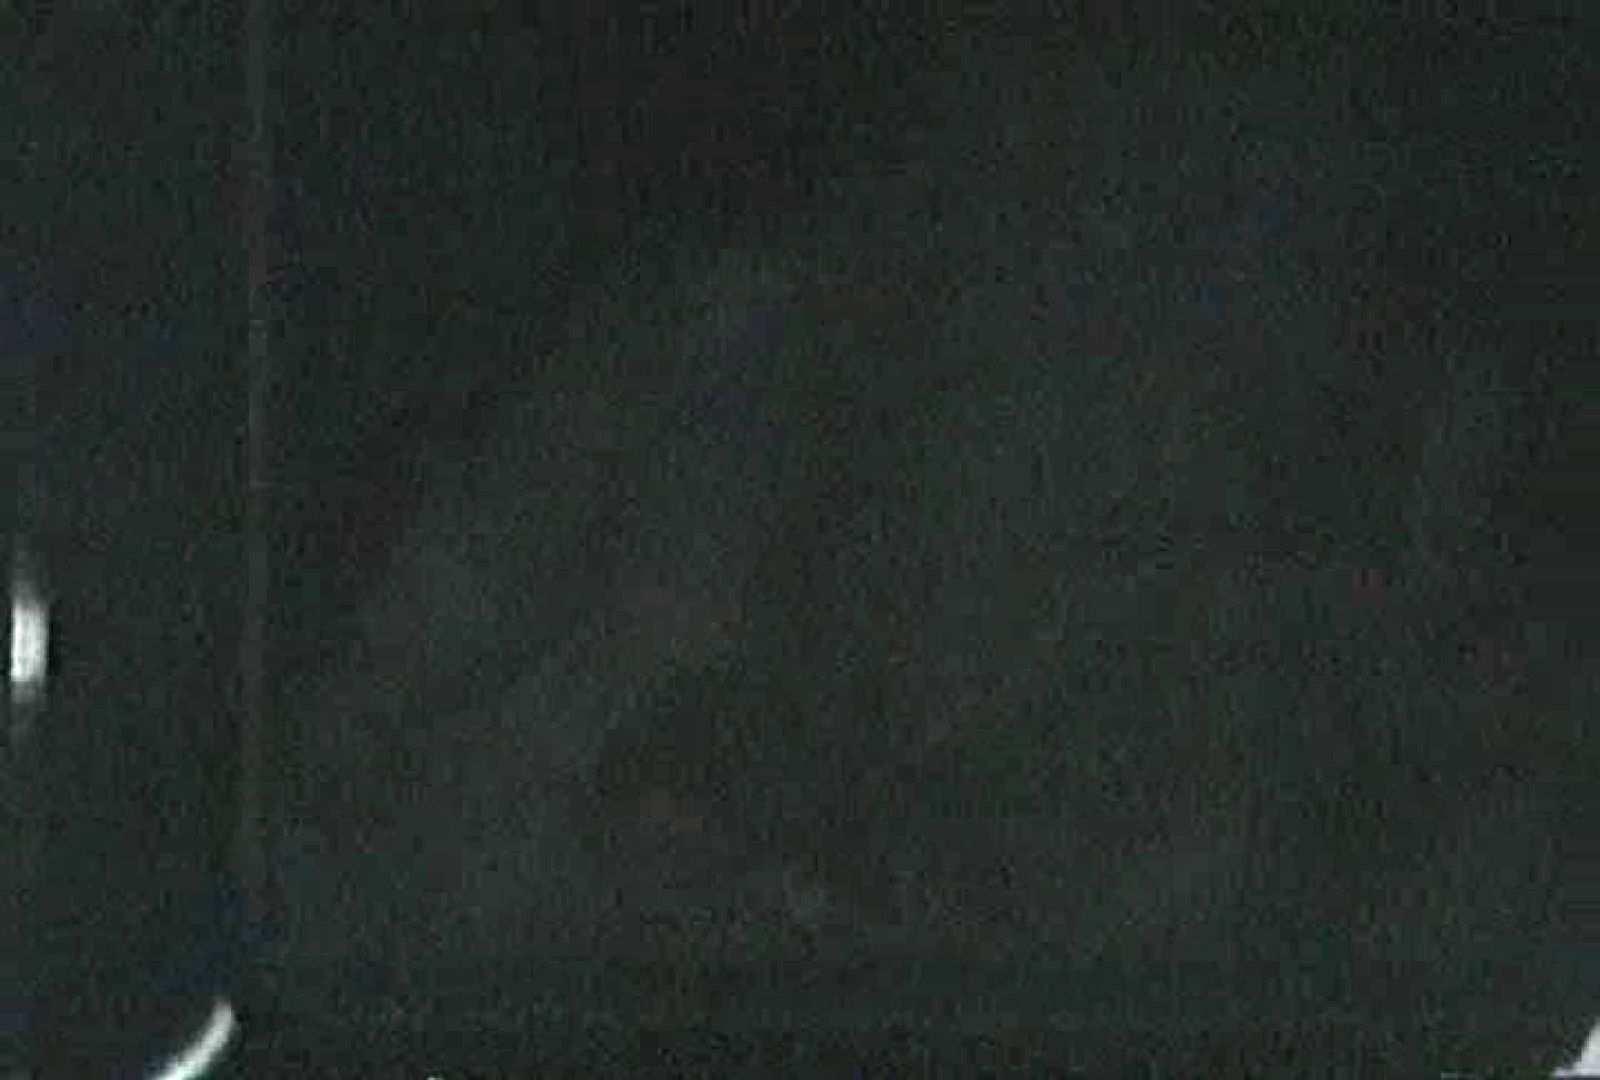 充血監督の深夜の運動会Vol.49 エロティックなOL 戯れ無修正画像 83画像 70